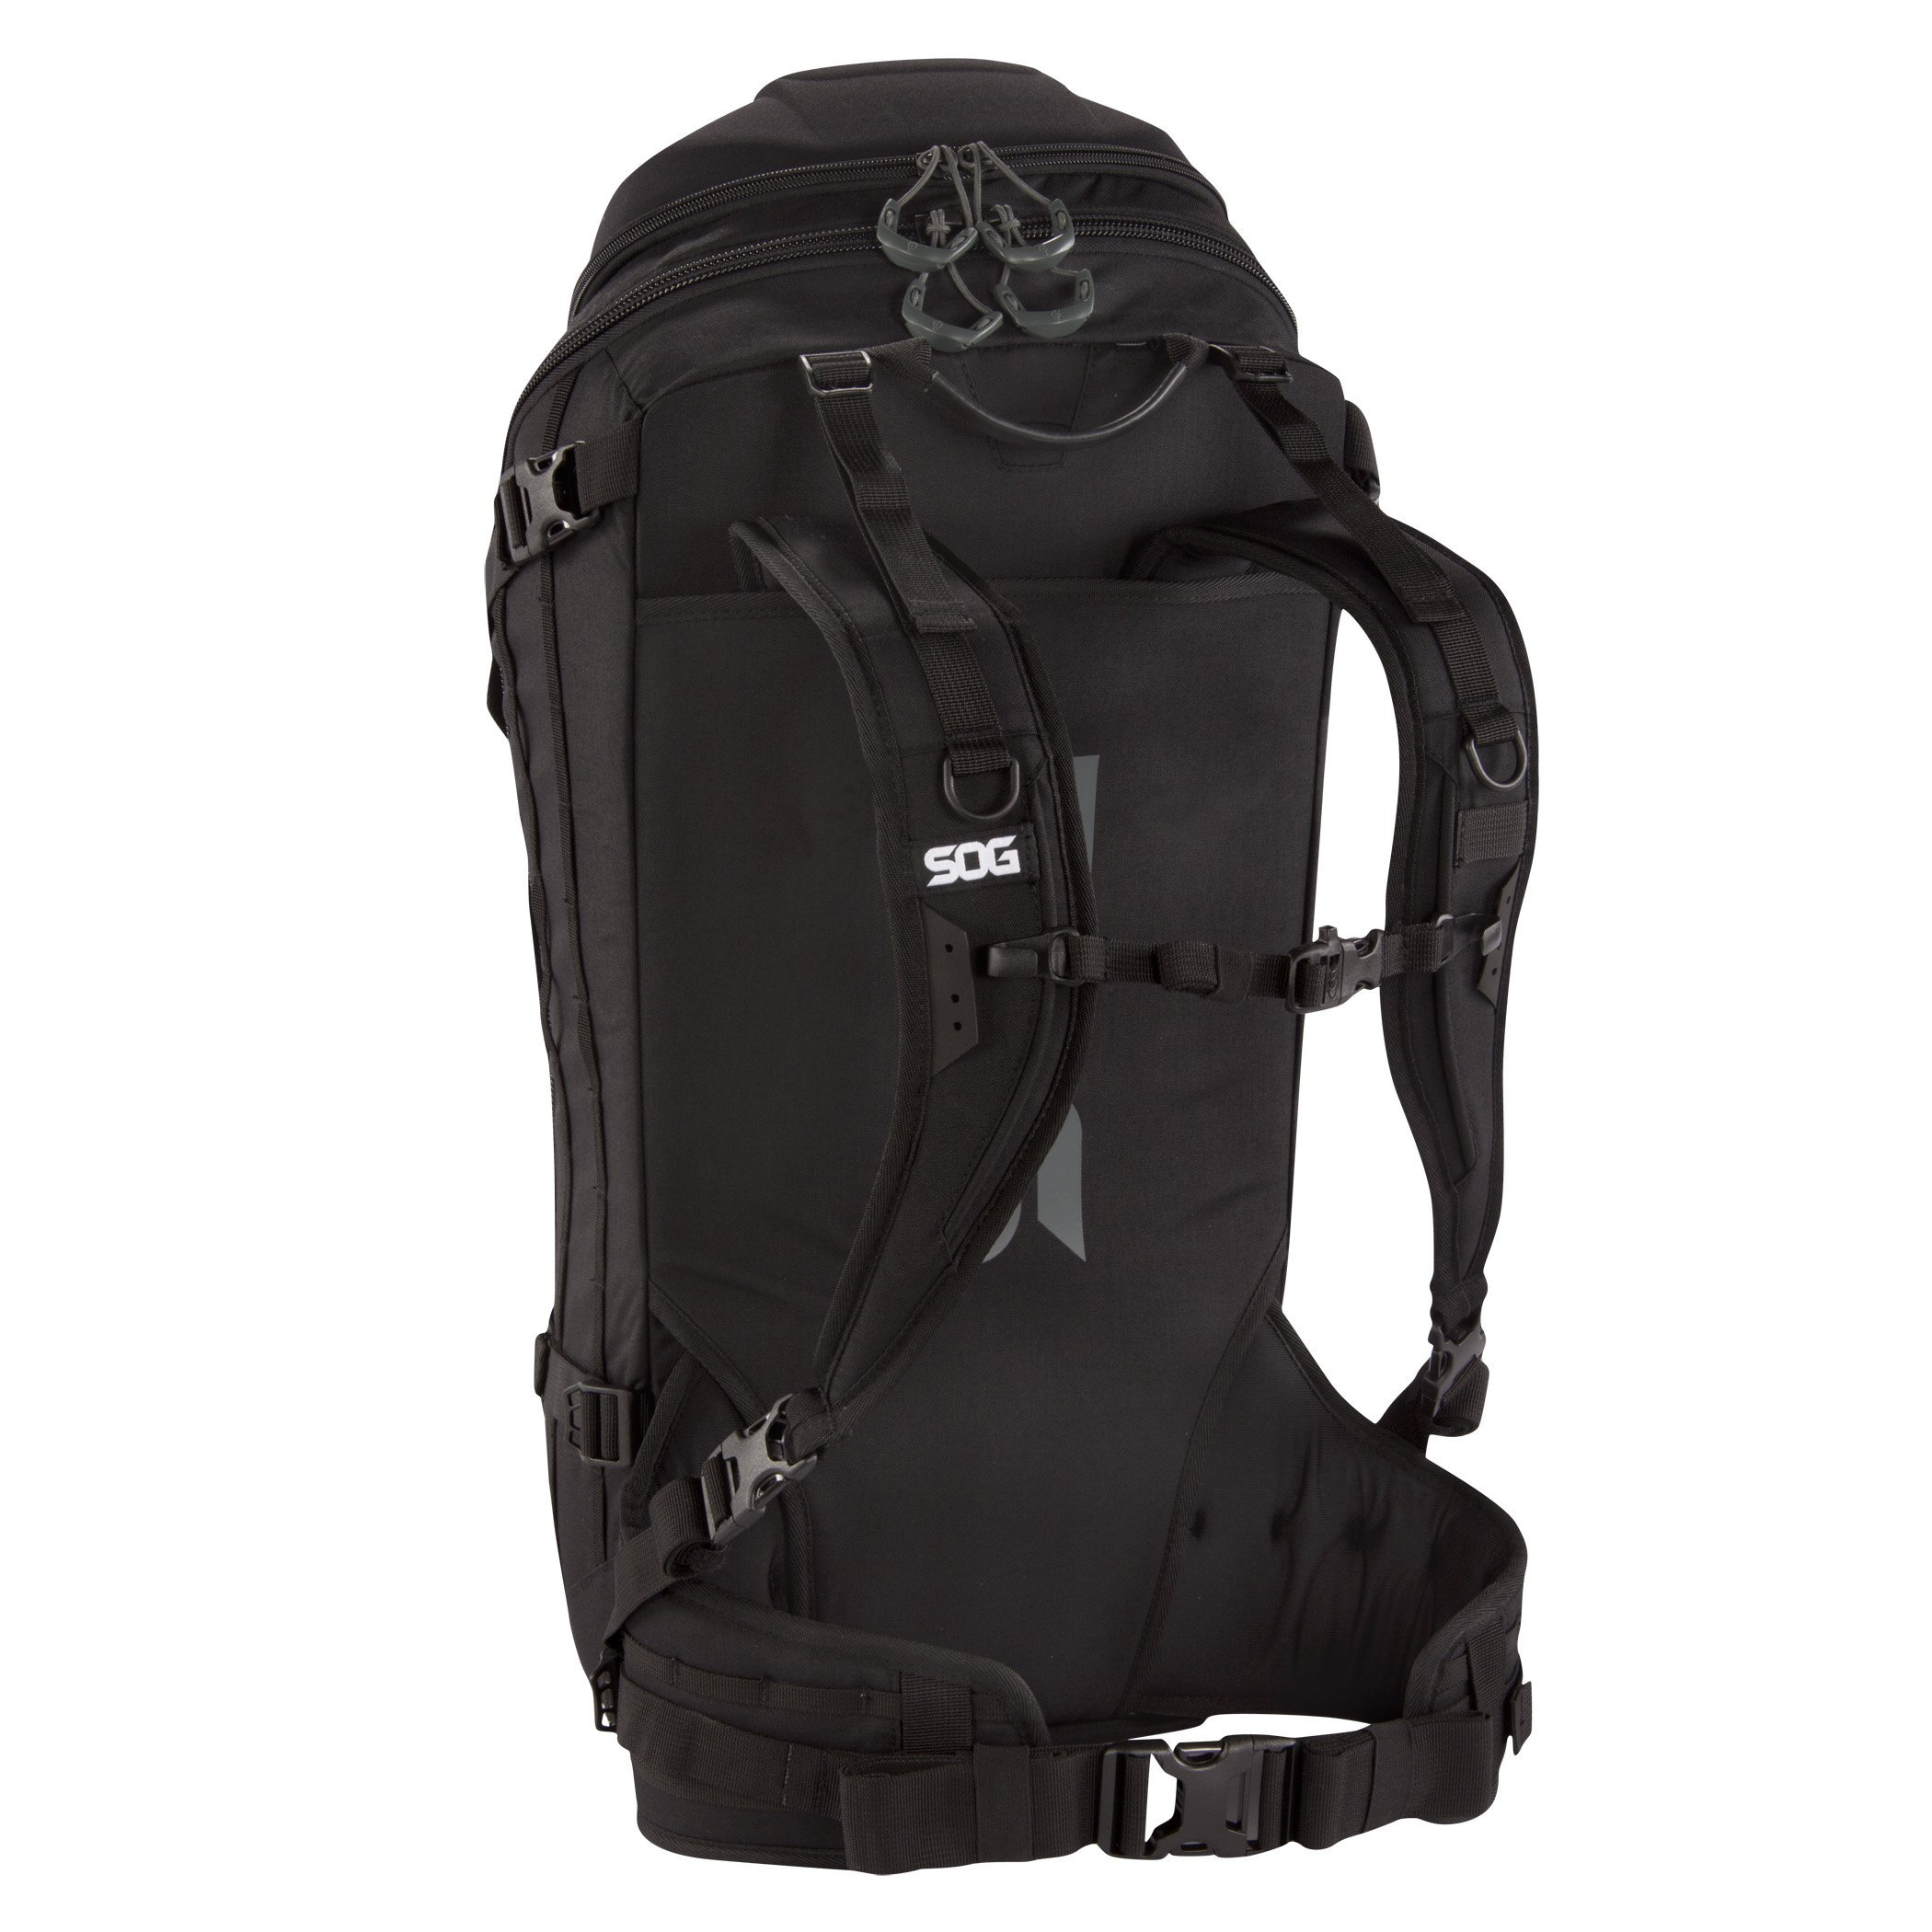 SOG Seraphim Backpack CP1006B Black, 35 L by SOG (Image #2)